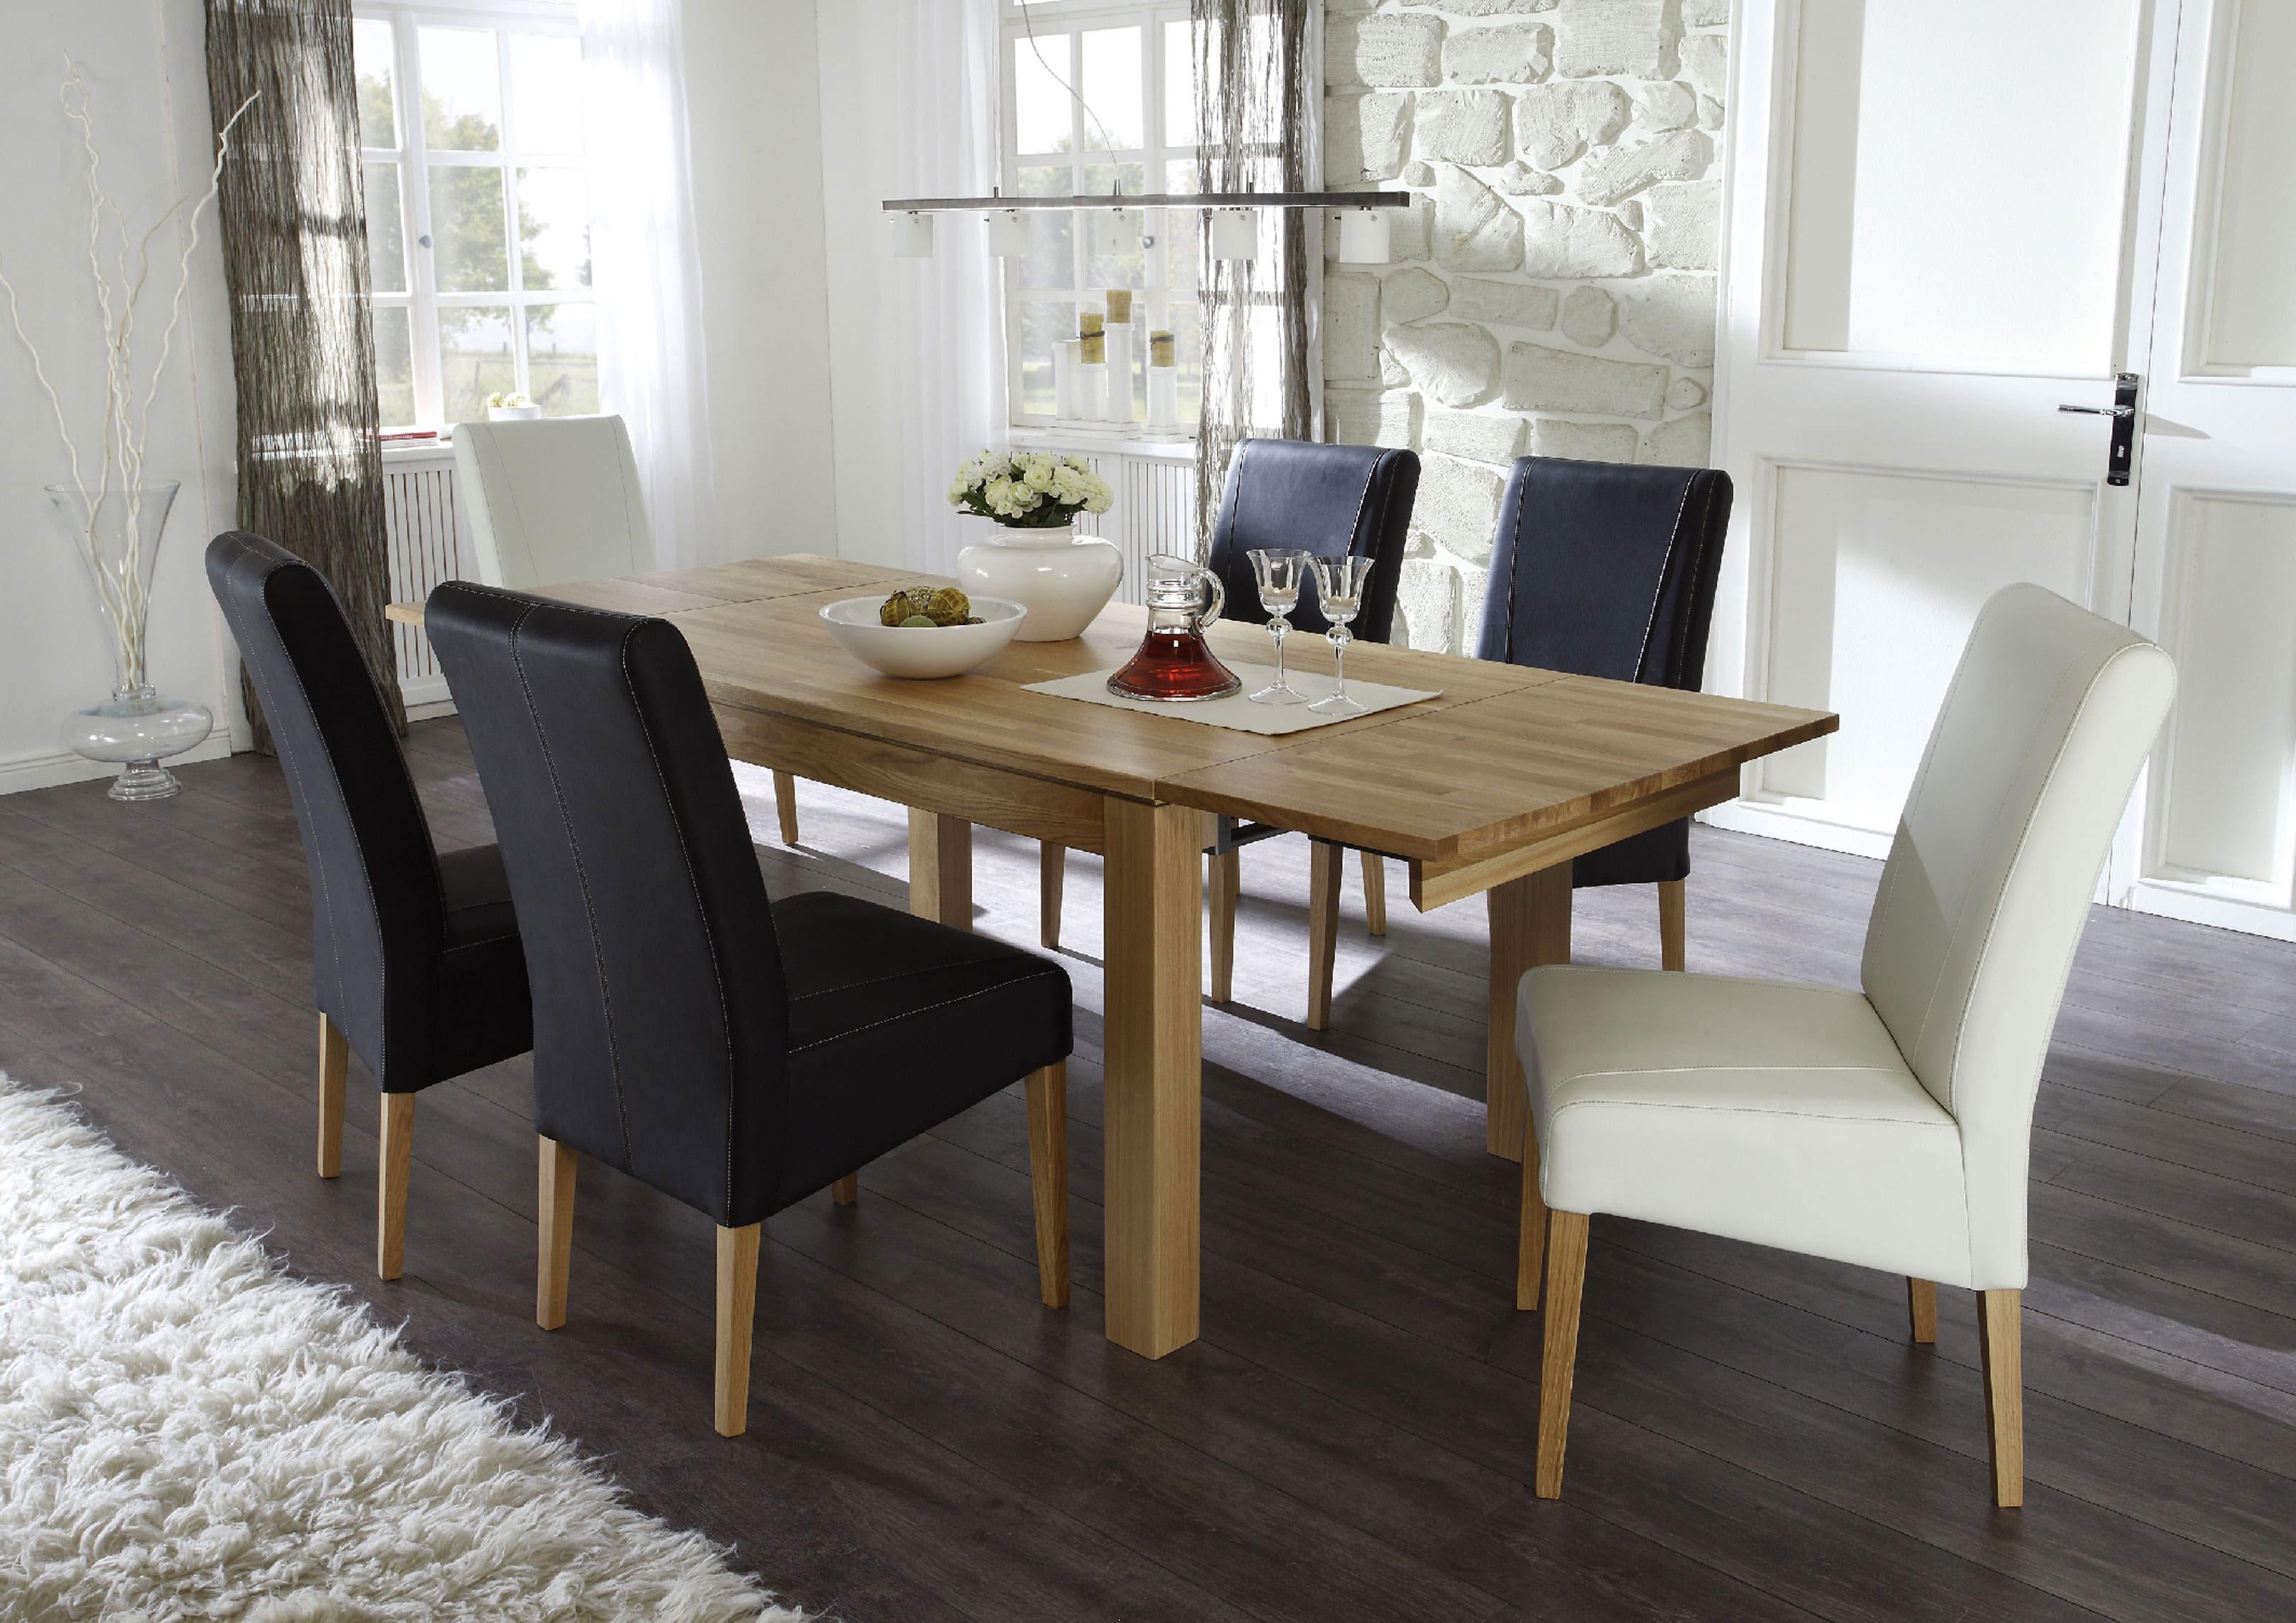 Standard Furniture Tischgruppe mit Tisch Toby eiche natur und Stühlen Rudi